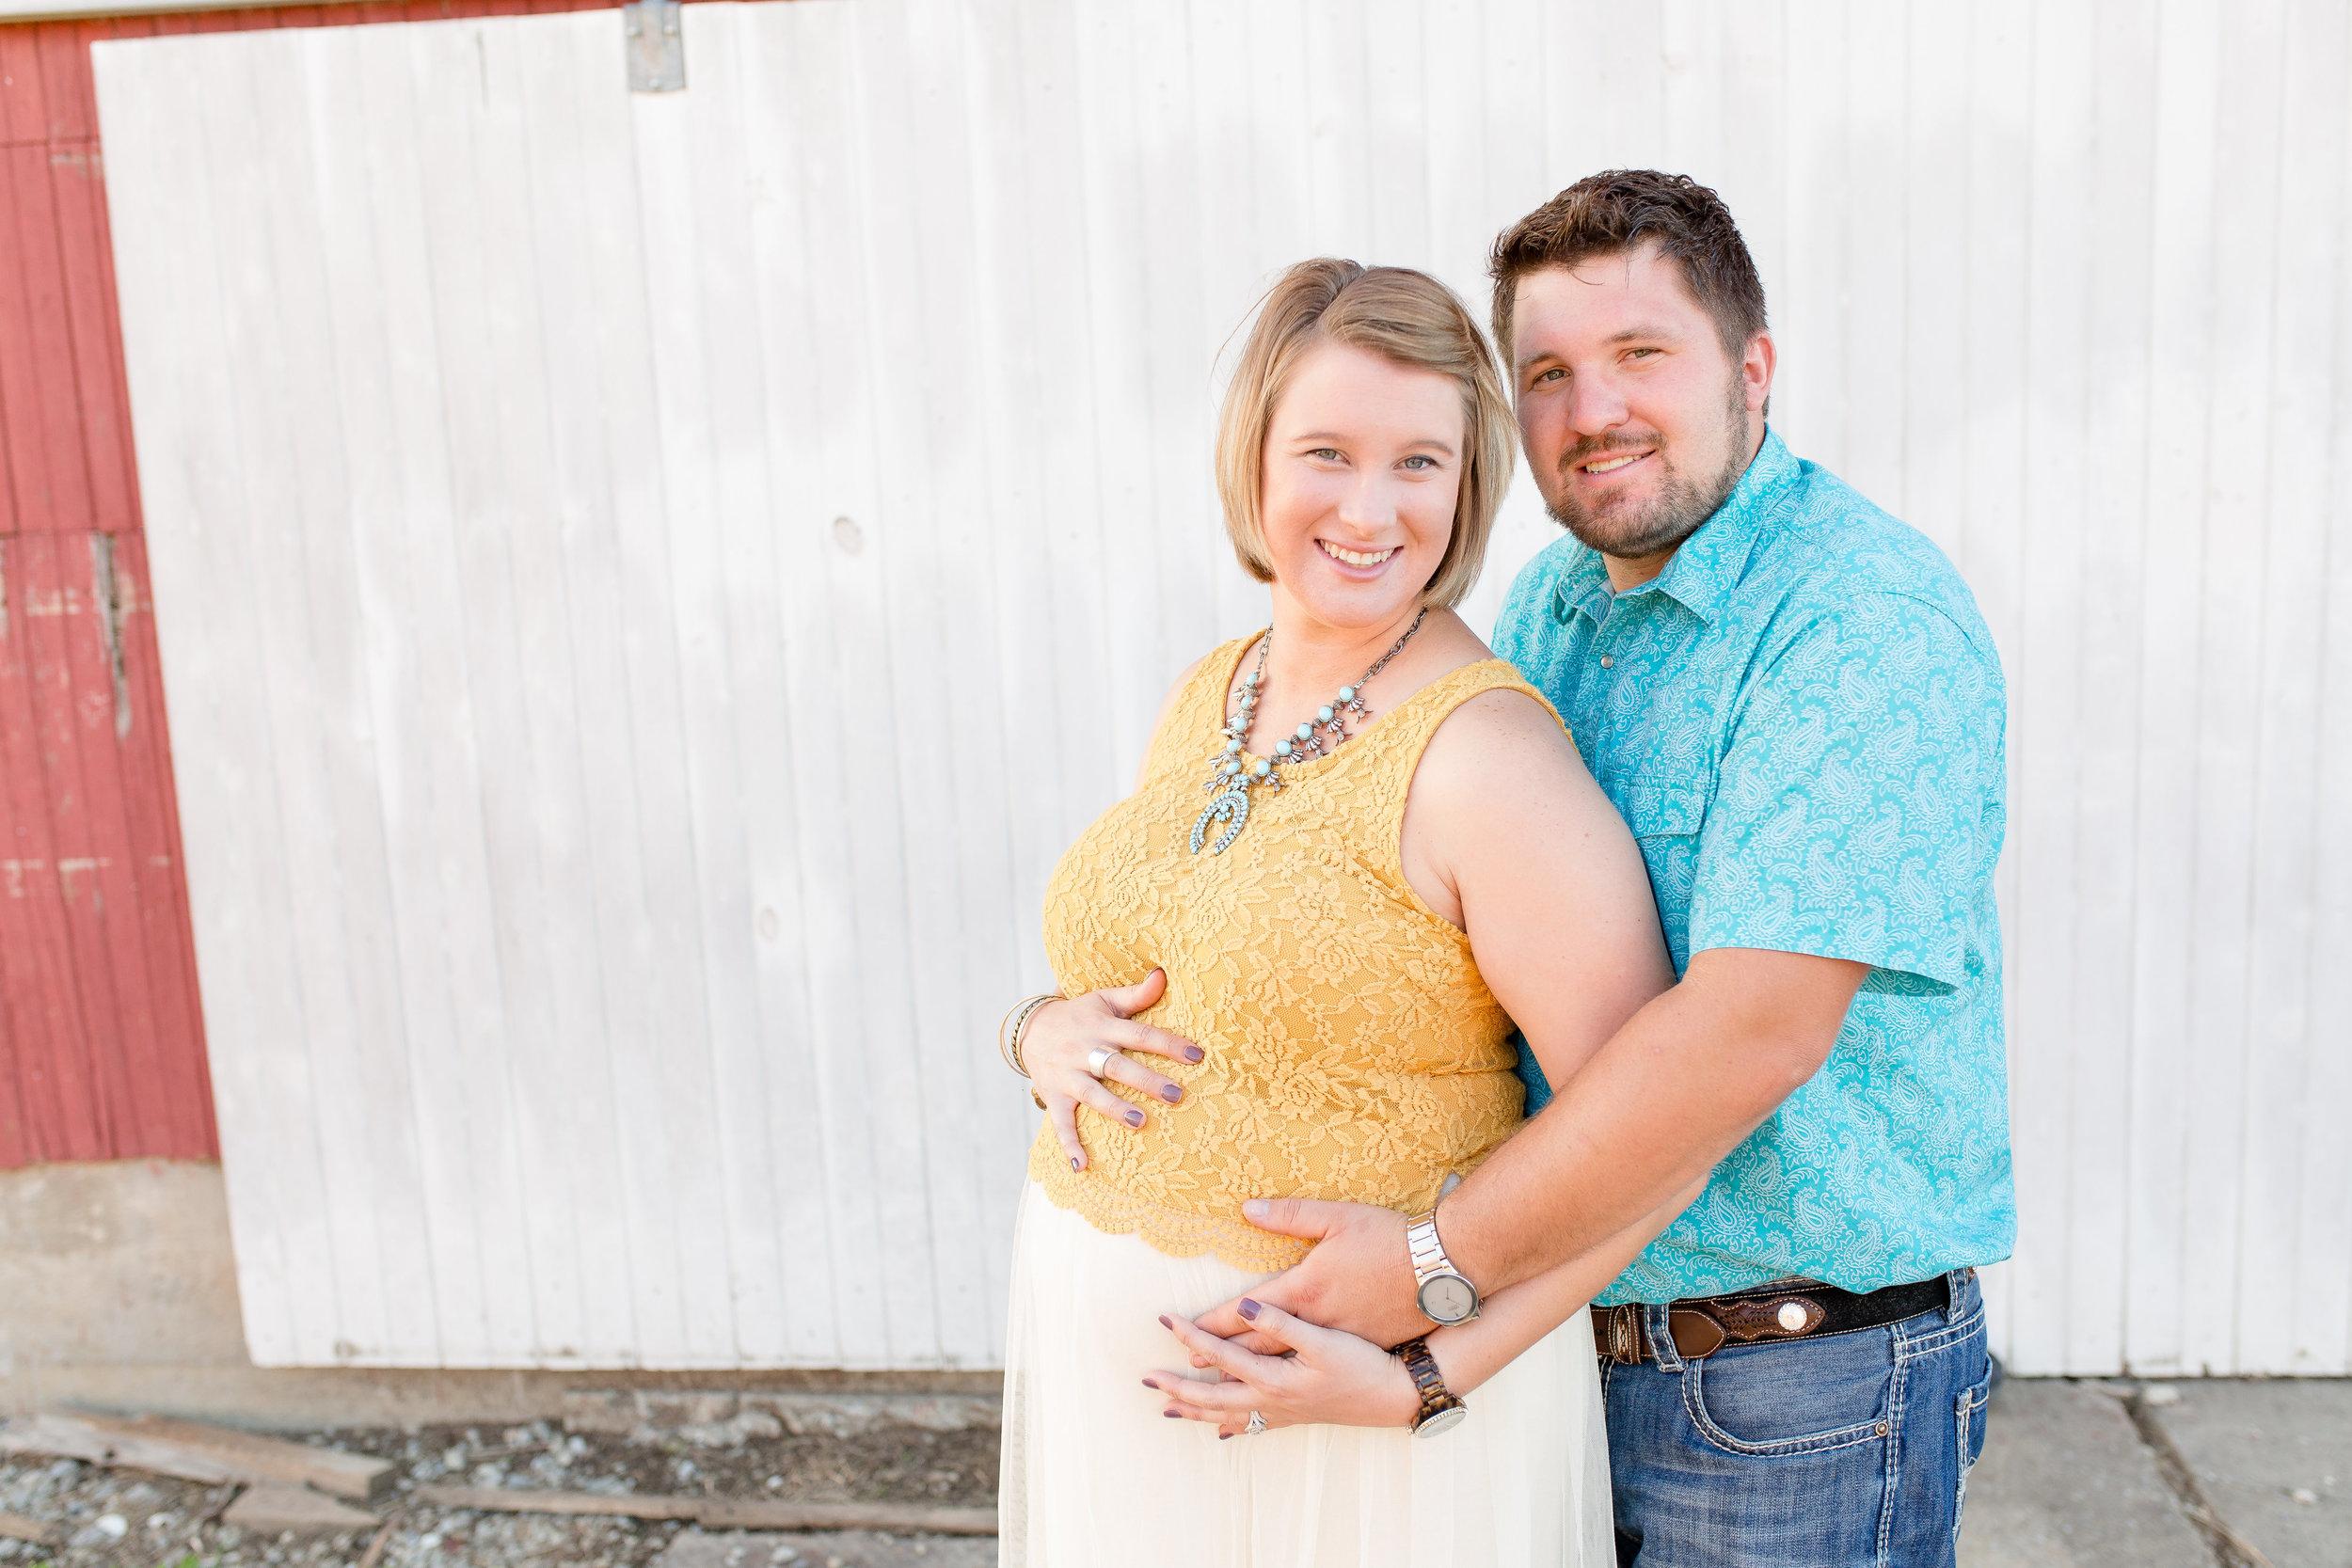 Columbus Maternity Photographer | Sarah Cropper Photography | Grove City Ohio Photographer